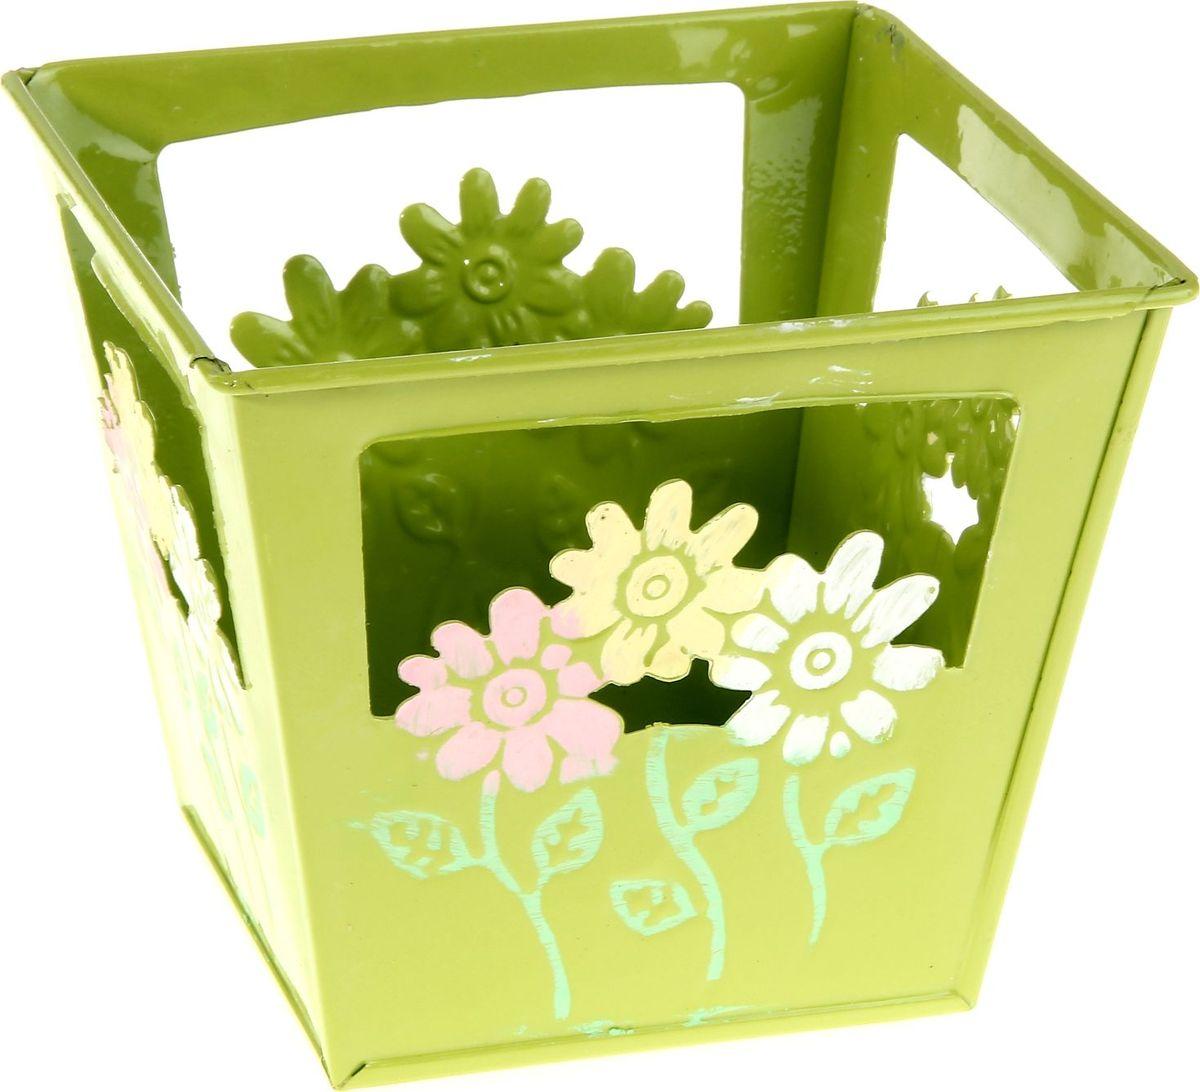 Кашпо Цветочки, цвет: салатовый, 12 х 12 х10 см232866Комнатные растения — всеобщие любимцы. Они радуют глаз, насыщают помещение кислородом и украшают пространство. Каждому из растений необходим свой удобный и красивый дом. Металлические декоративные вазы для горшков практичны и долговечны. #name# позаботится о зелёном питомце, освежит интерьер и подчеркнёт его стиль. Особенно выигрышно они смотрятся в экстерьере: на террасах и в беседках. При желании его всегда можно перекрасить в другой цвет.